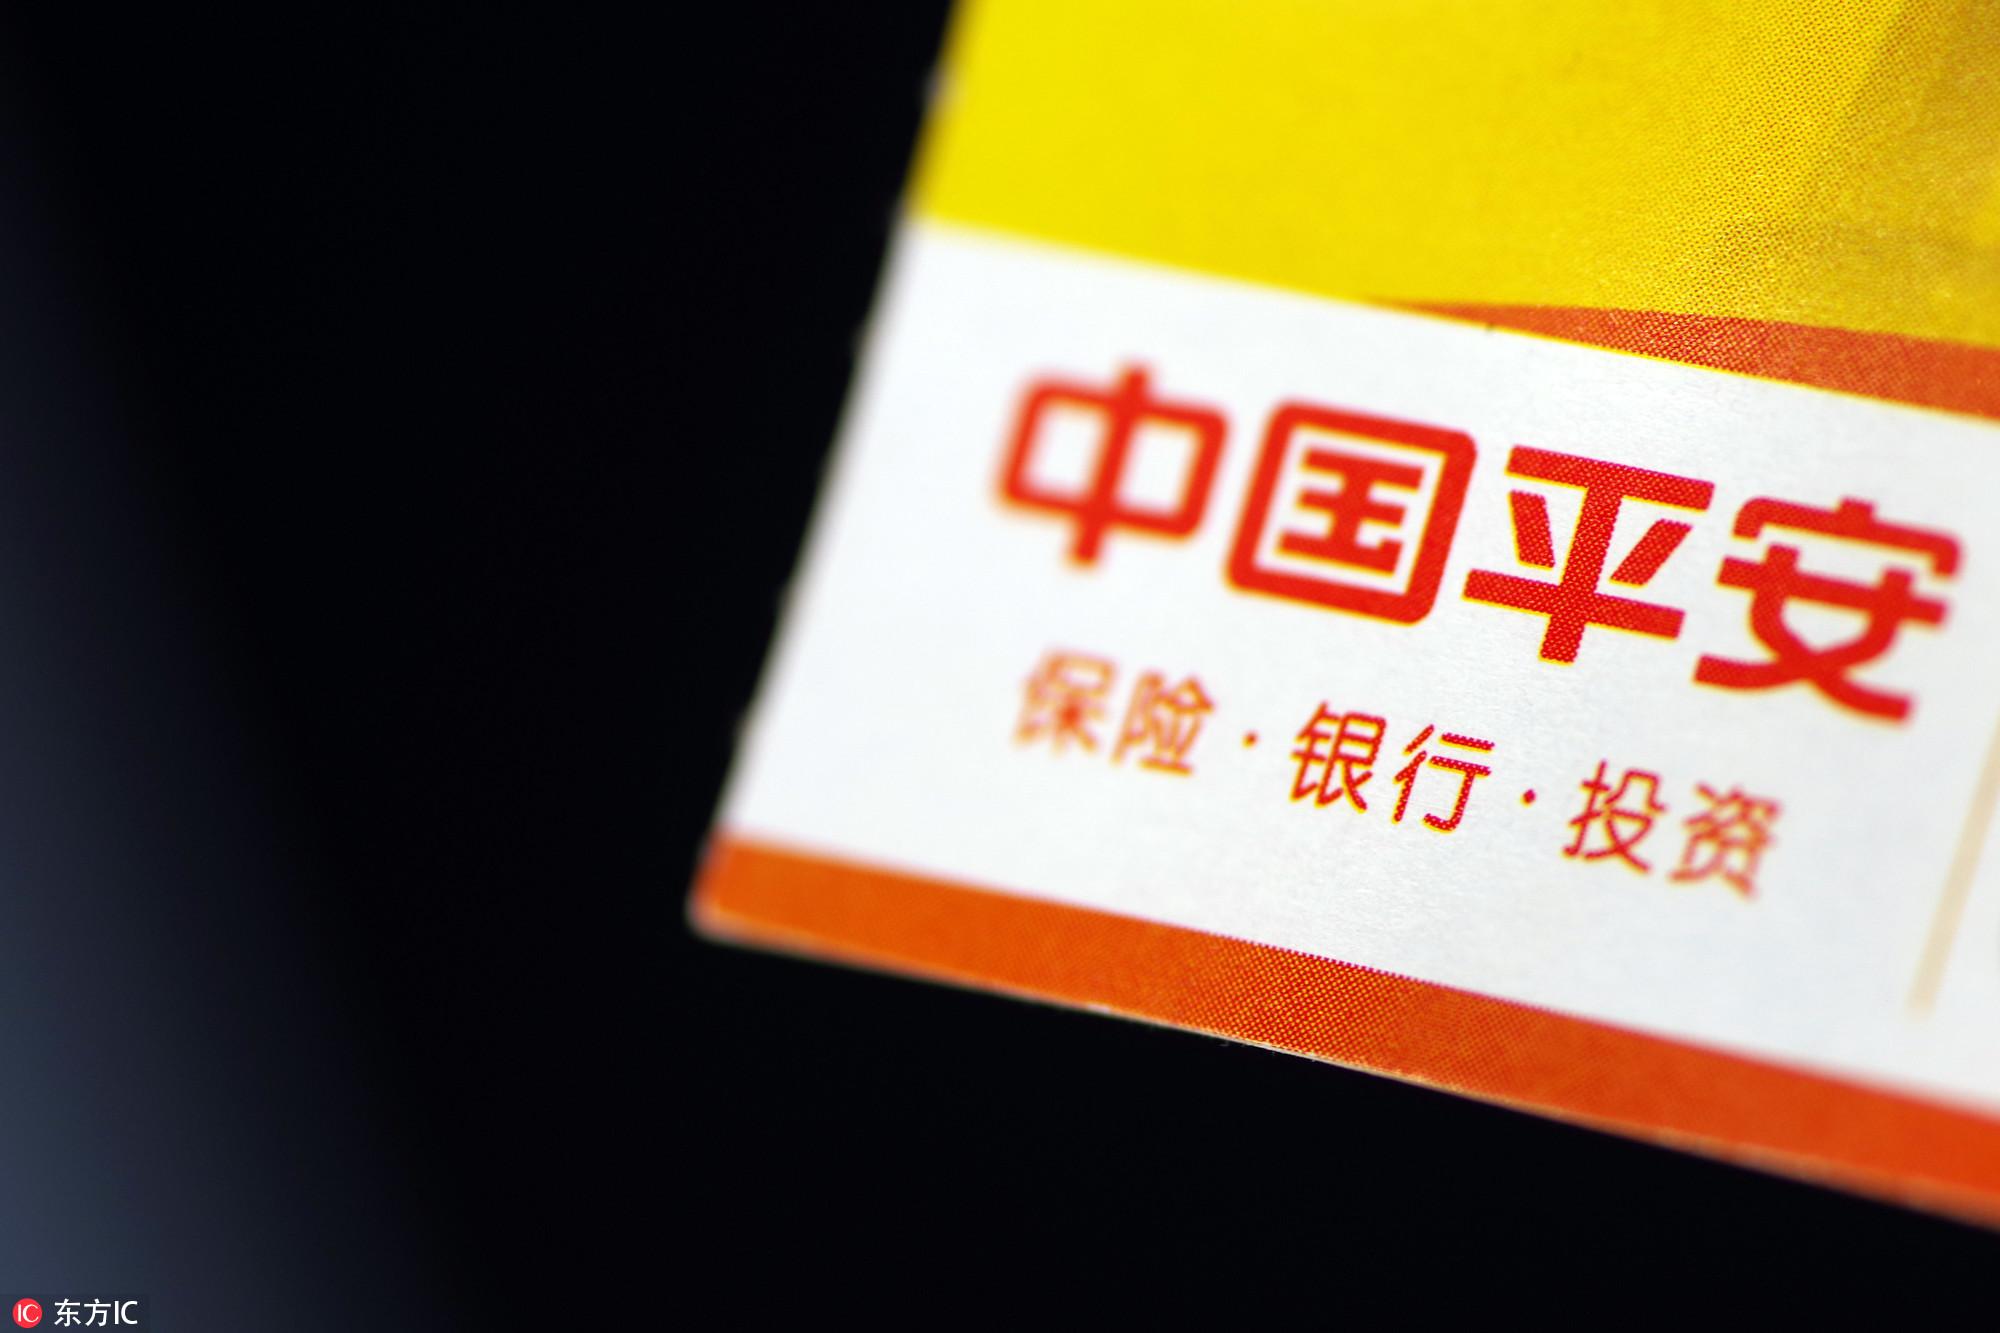 一图看懂中国平安(02318.HK)2018年报